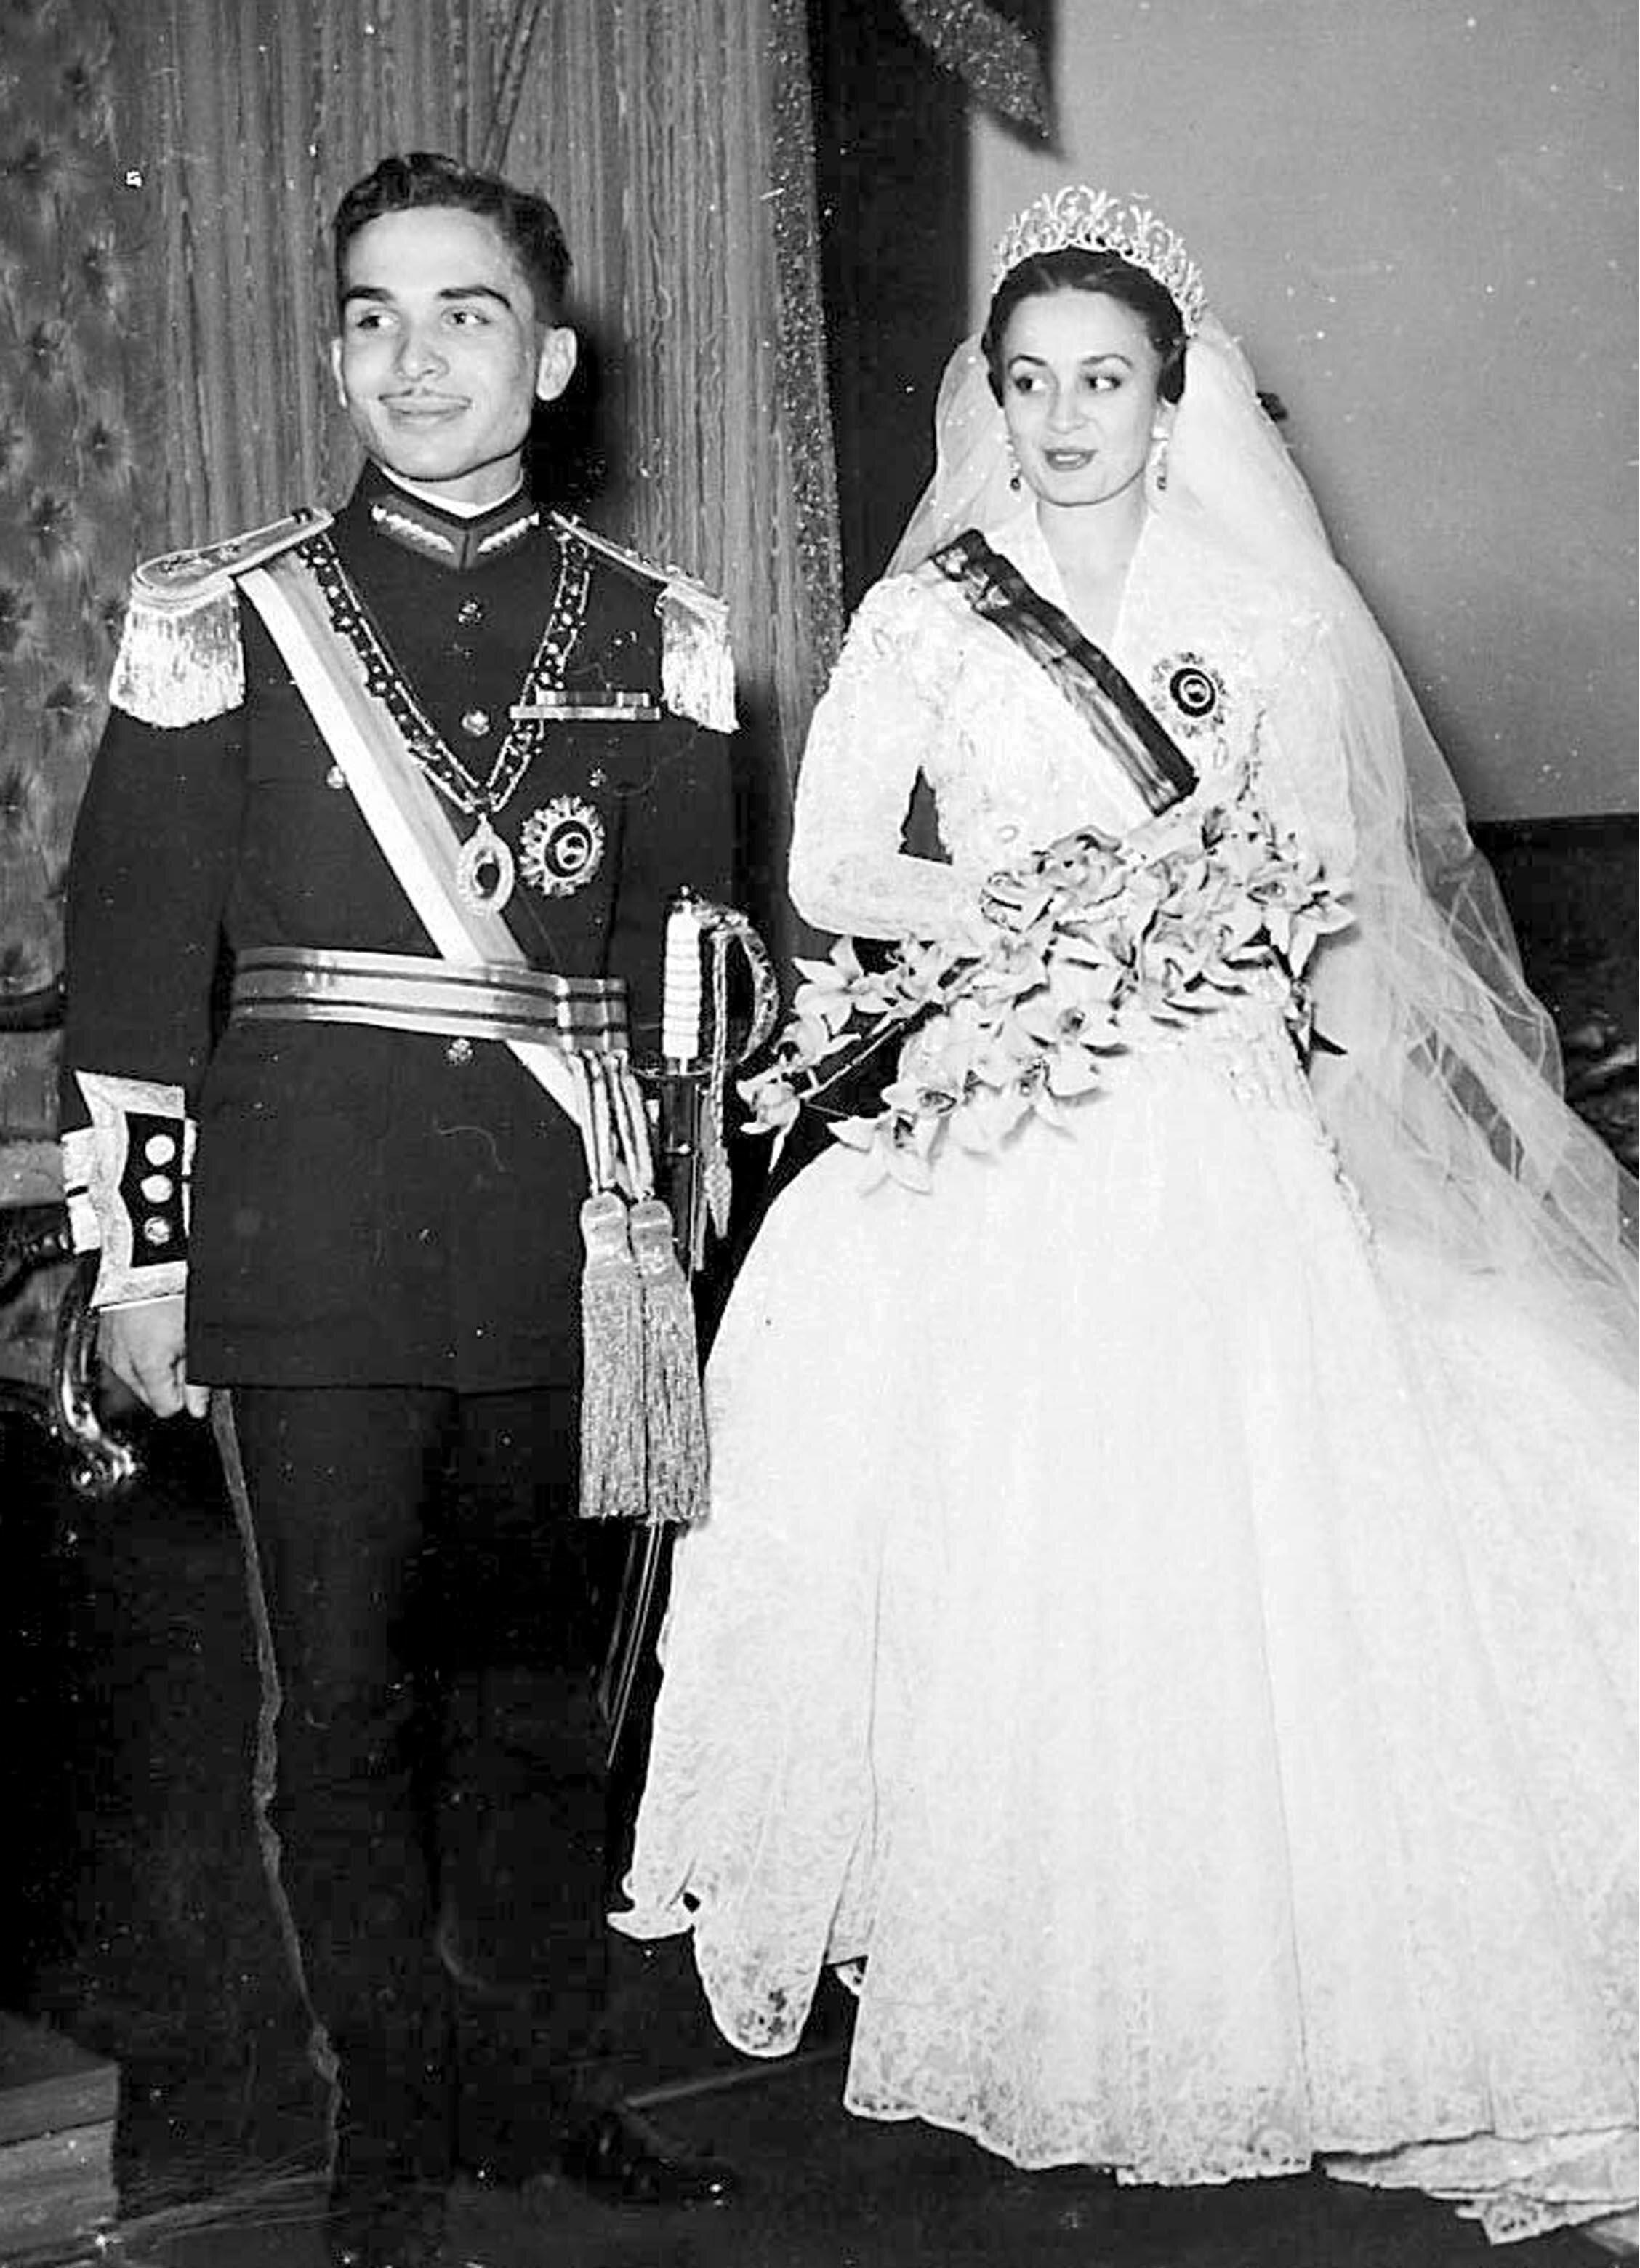 Prinzessin Dina Abdul Hamid war die erste Ehefrau von König Hussein I.  © United Archives